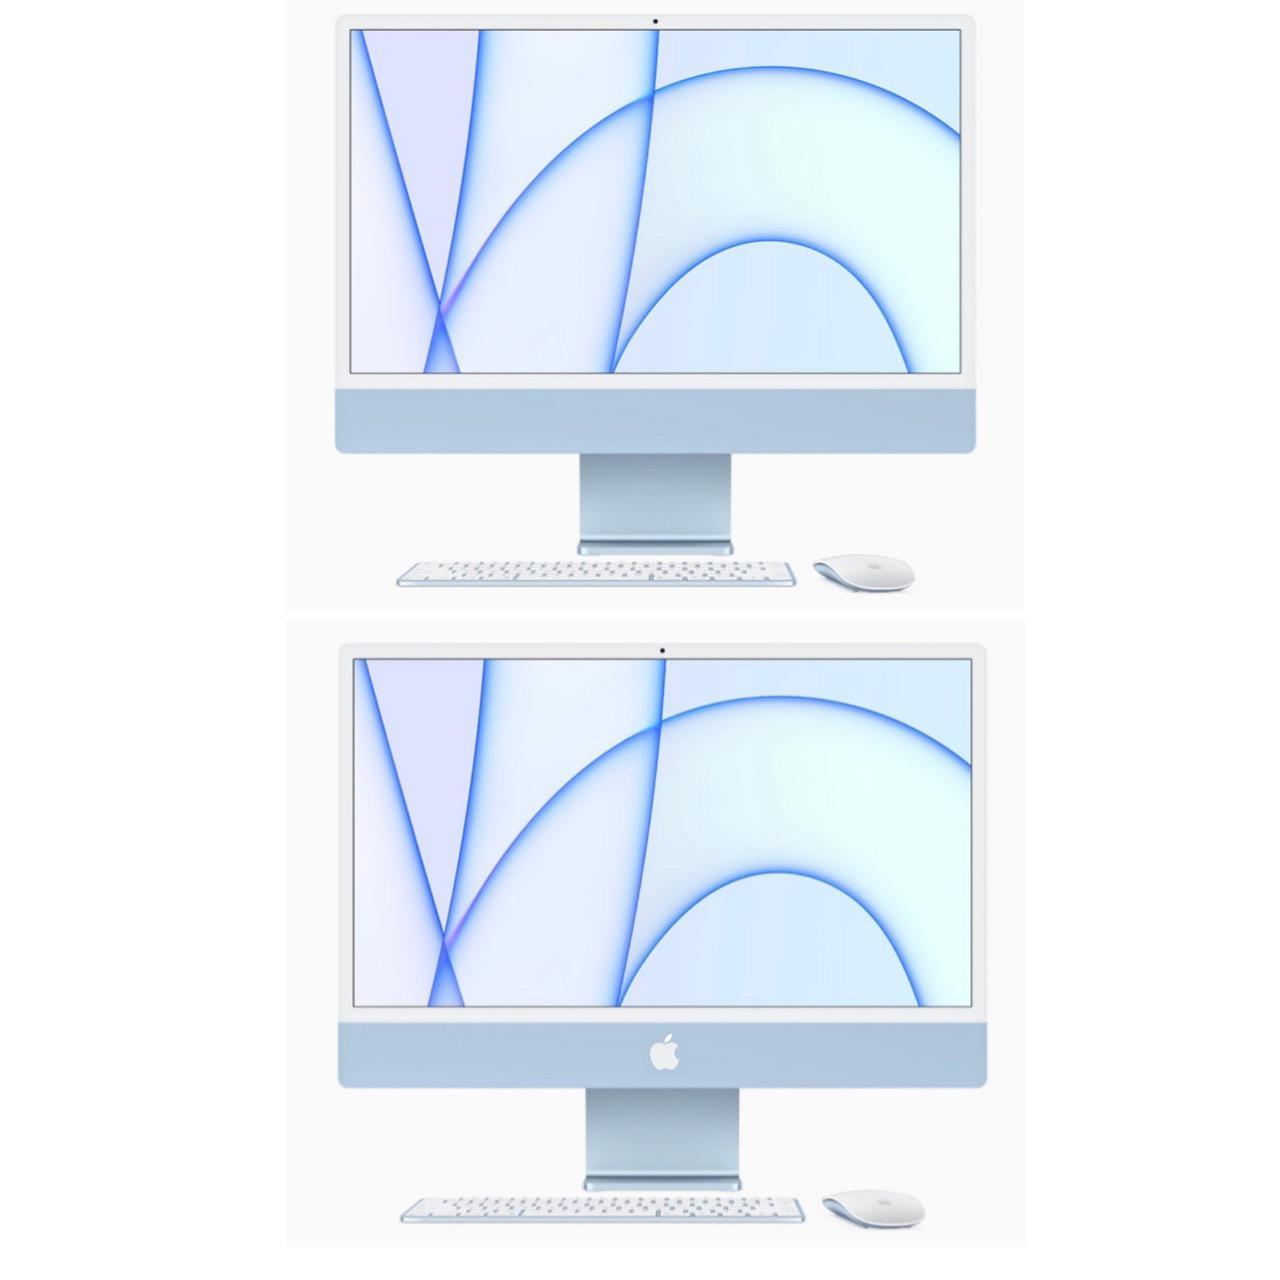 iMac with an Apple logo.